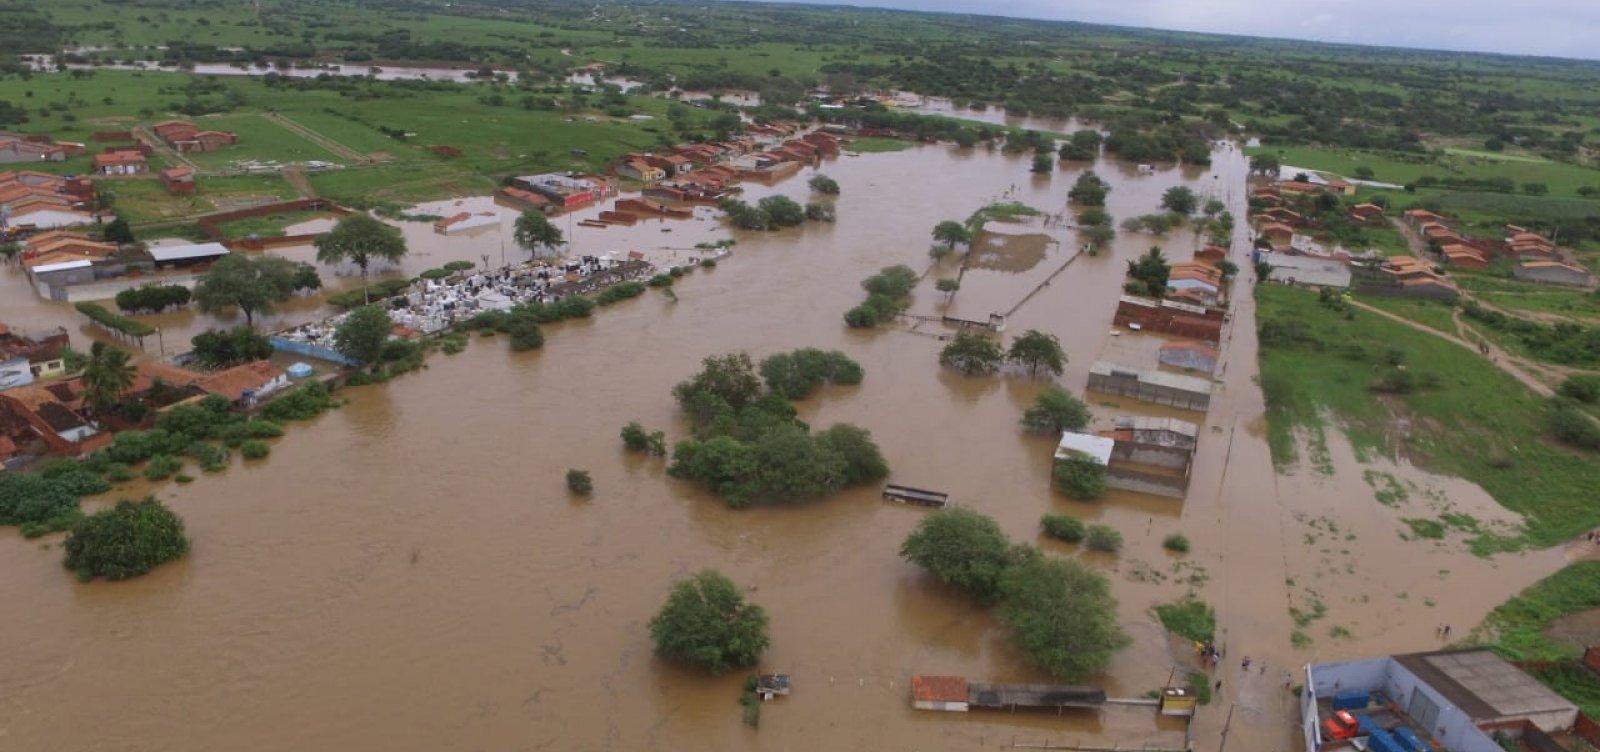 [Após negar, Governo da Bahia confirma rompimento de barragem em Pedro Alexandre]